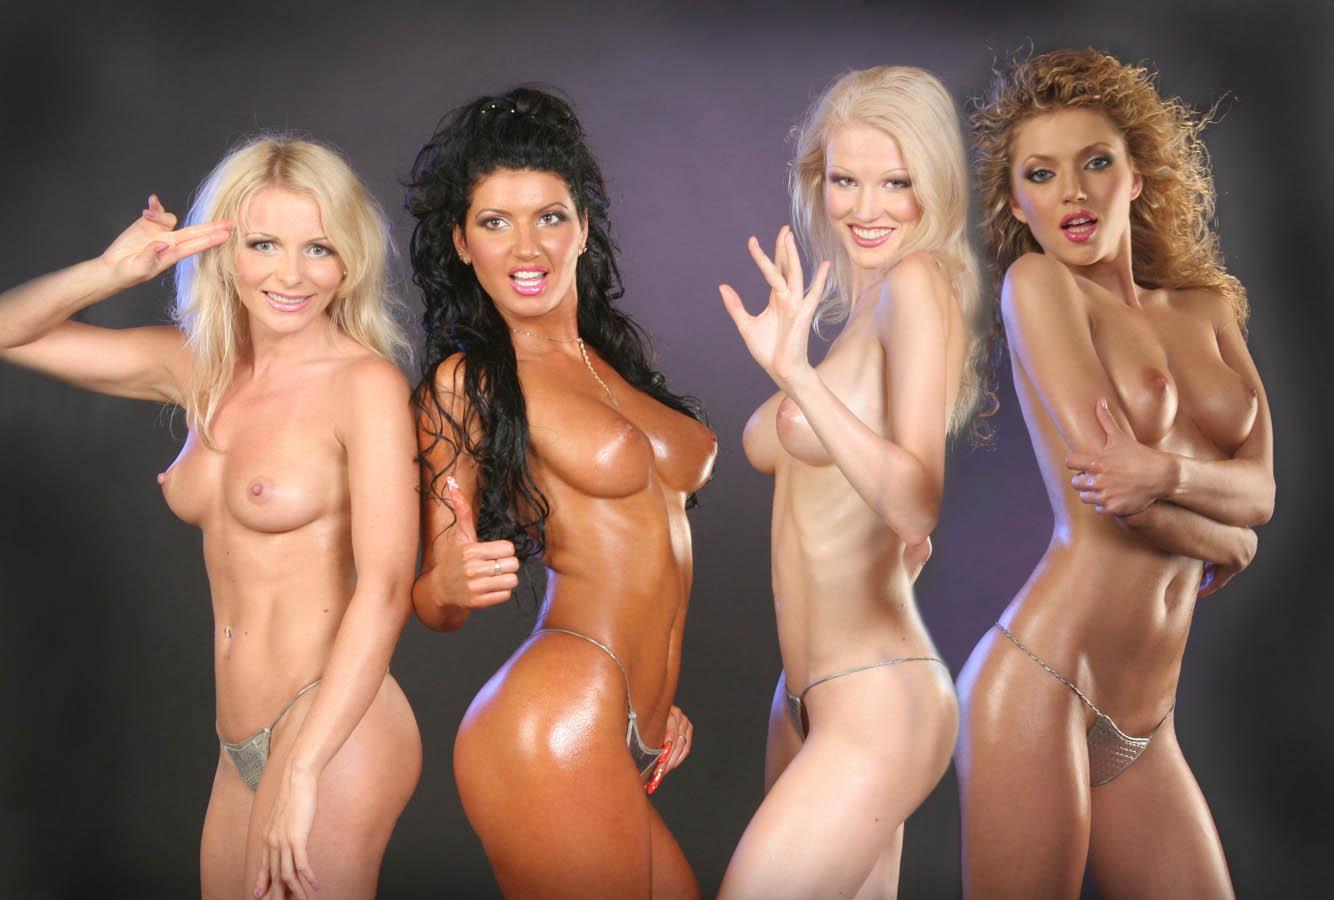 Порно шоу мира смотреть бесплатно